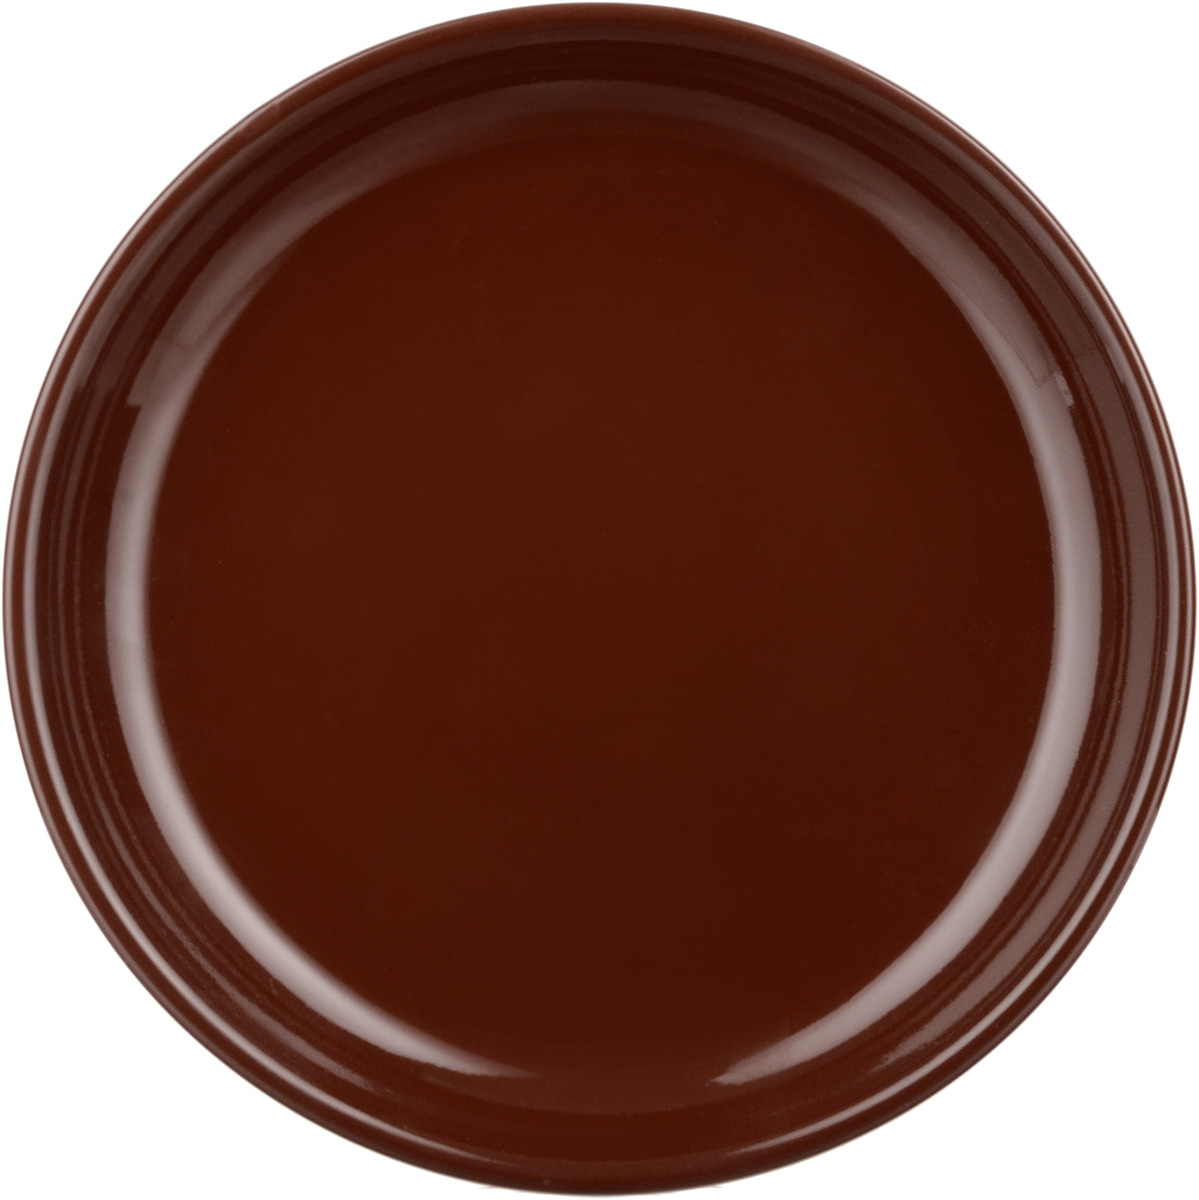 Тарелка Борисовская керамика Cтандарт, цвет: темно-коричневый, диаметр 18 см детская коляска 2 в 1 junama diamond jd 06 бордовый черный короб